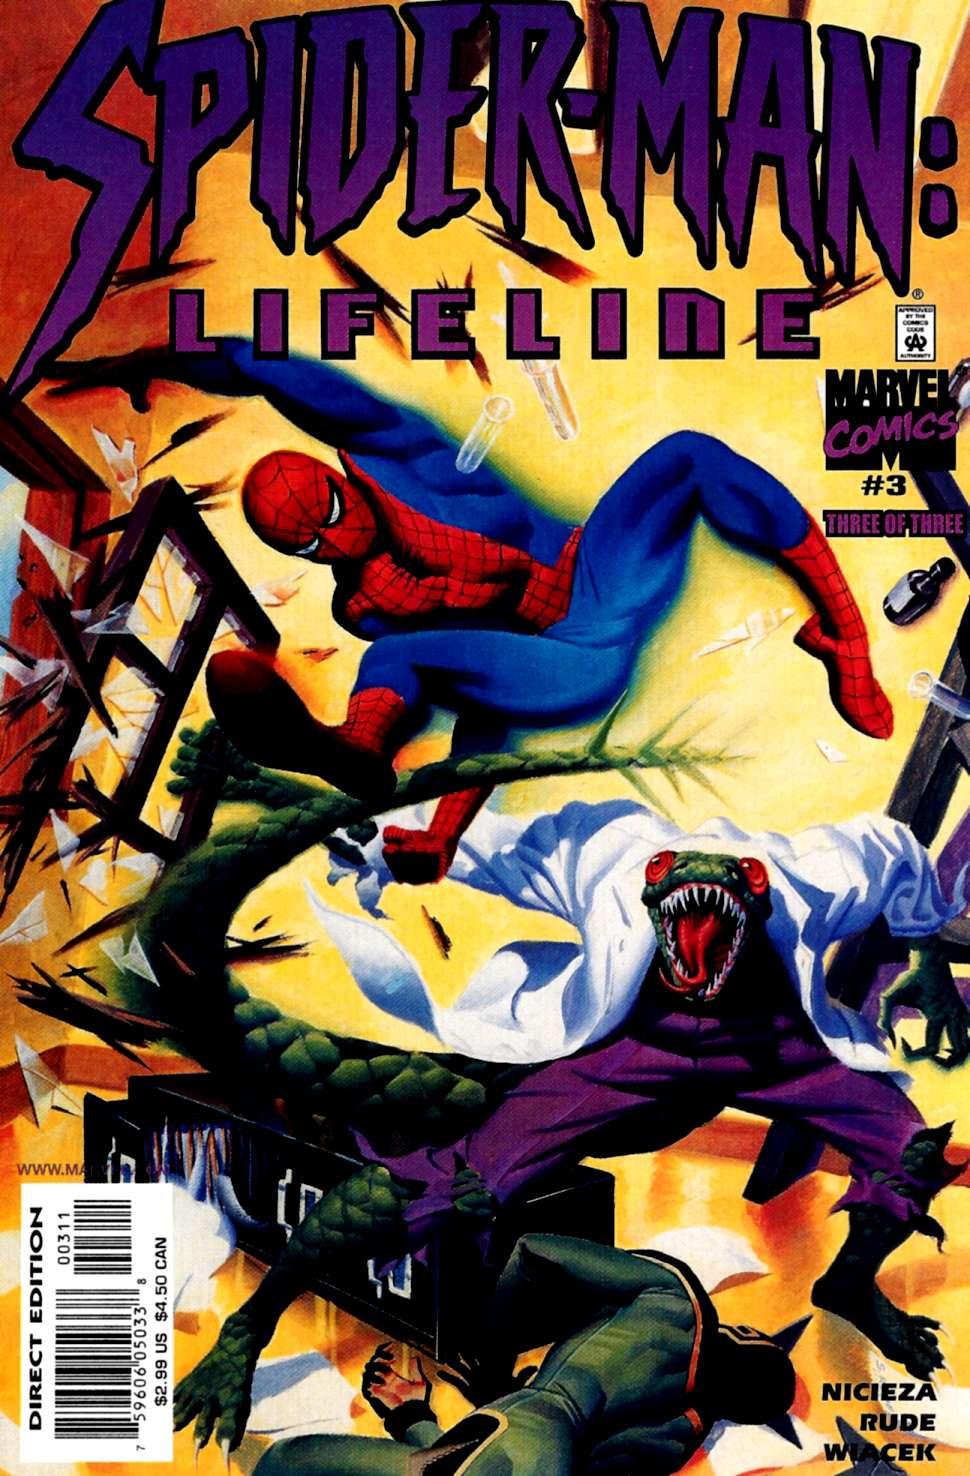 Read online Spider-Man: Lifeline comic -  Issue #3 - 1